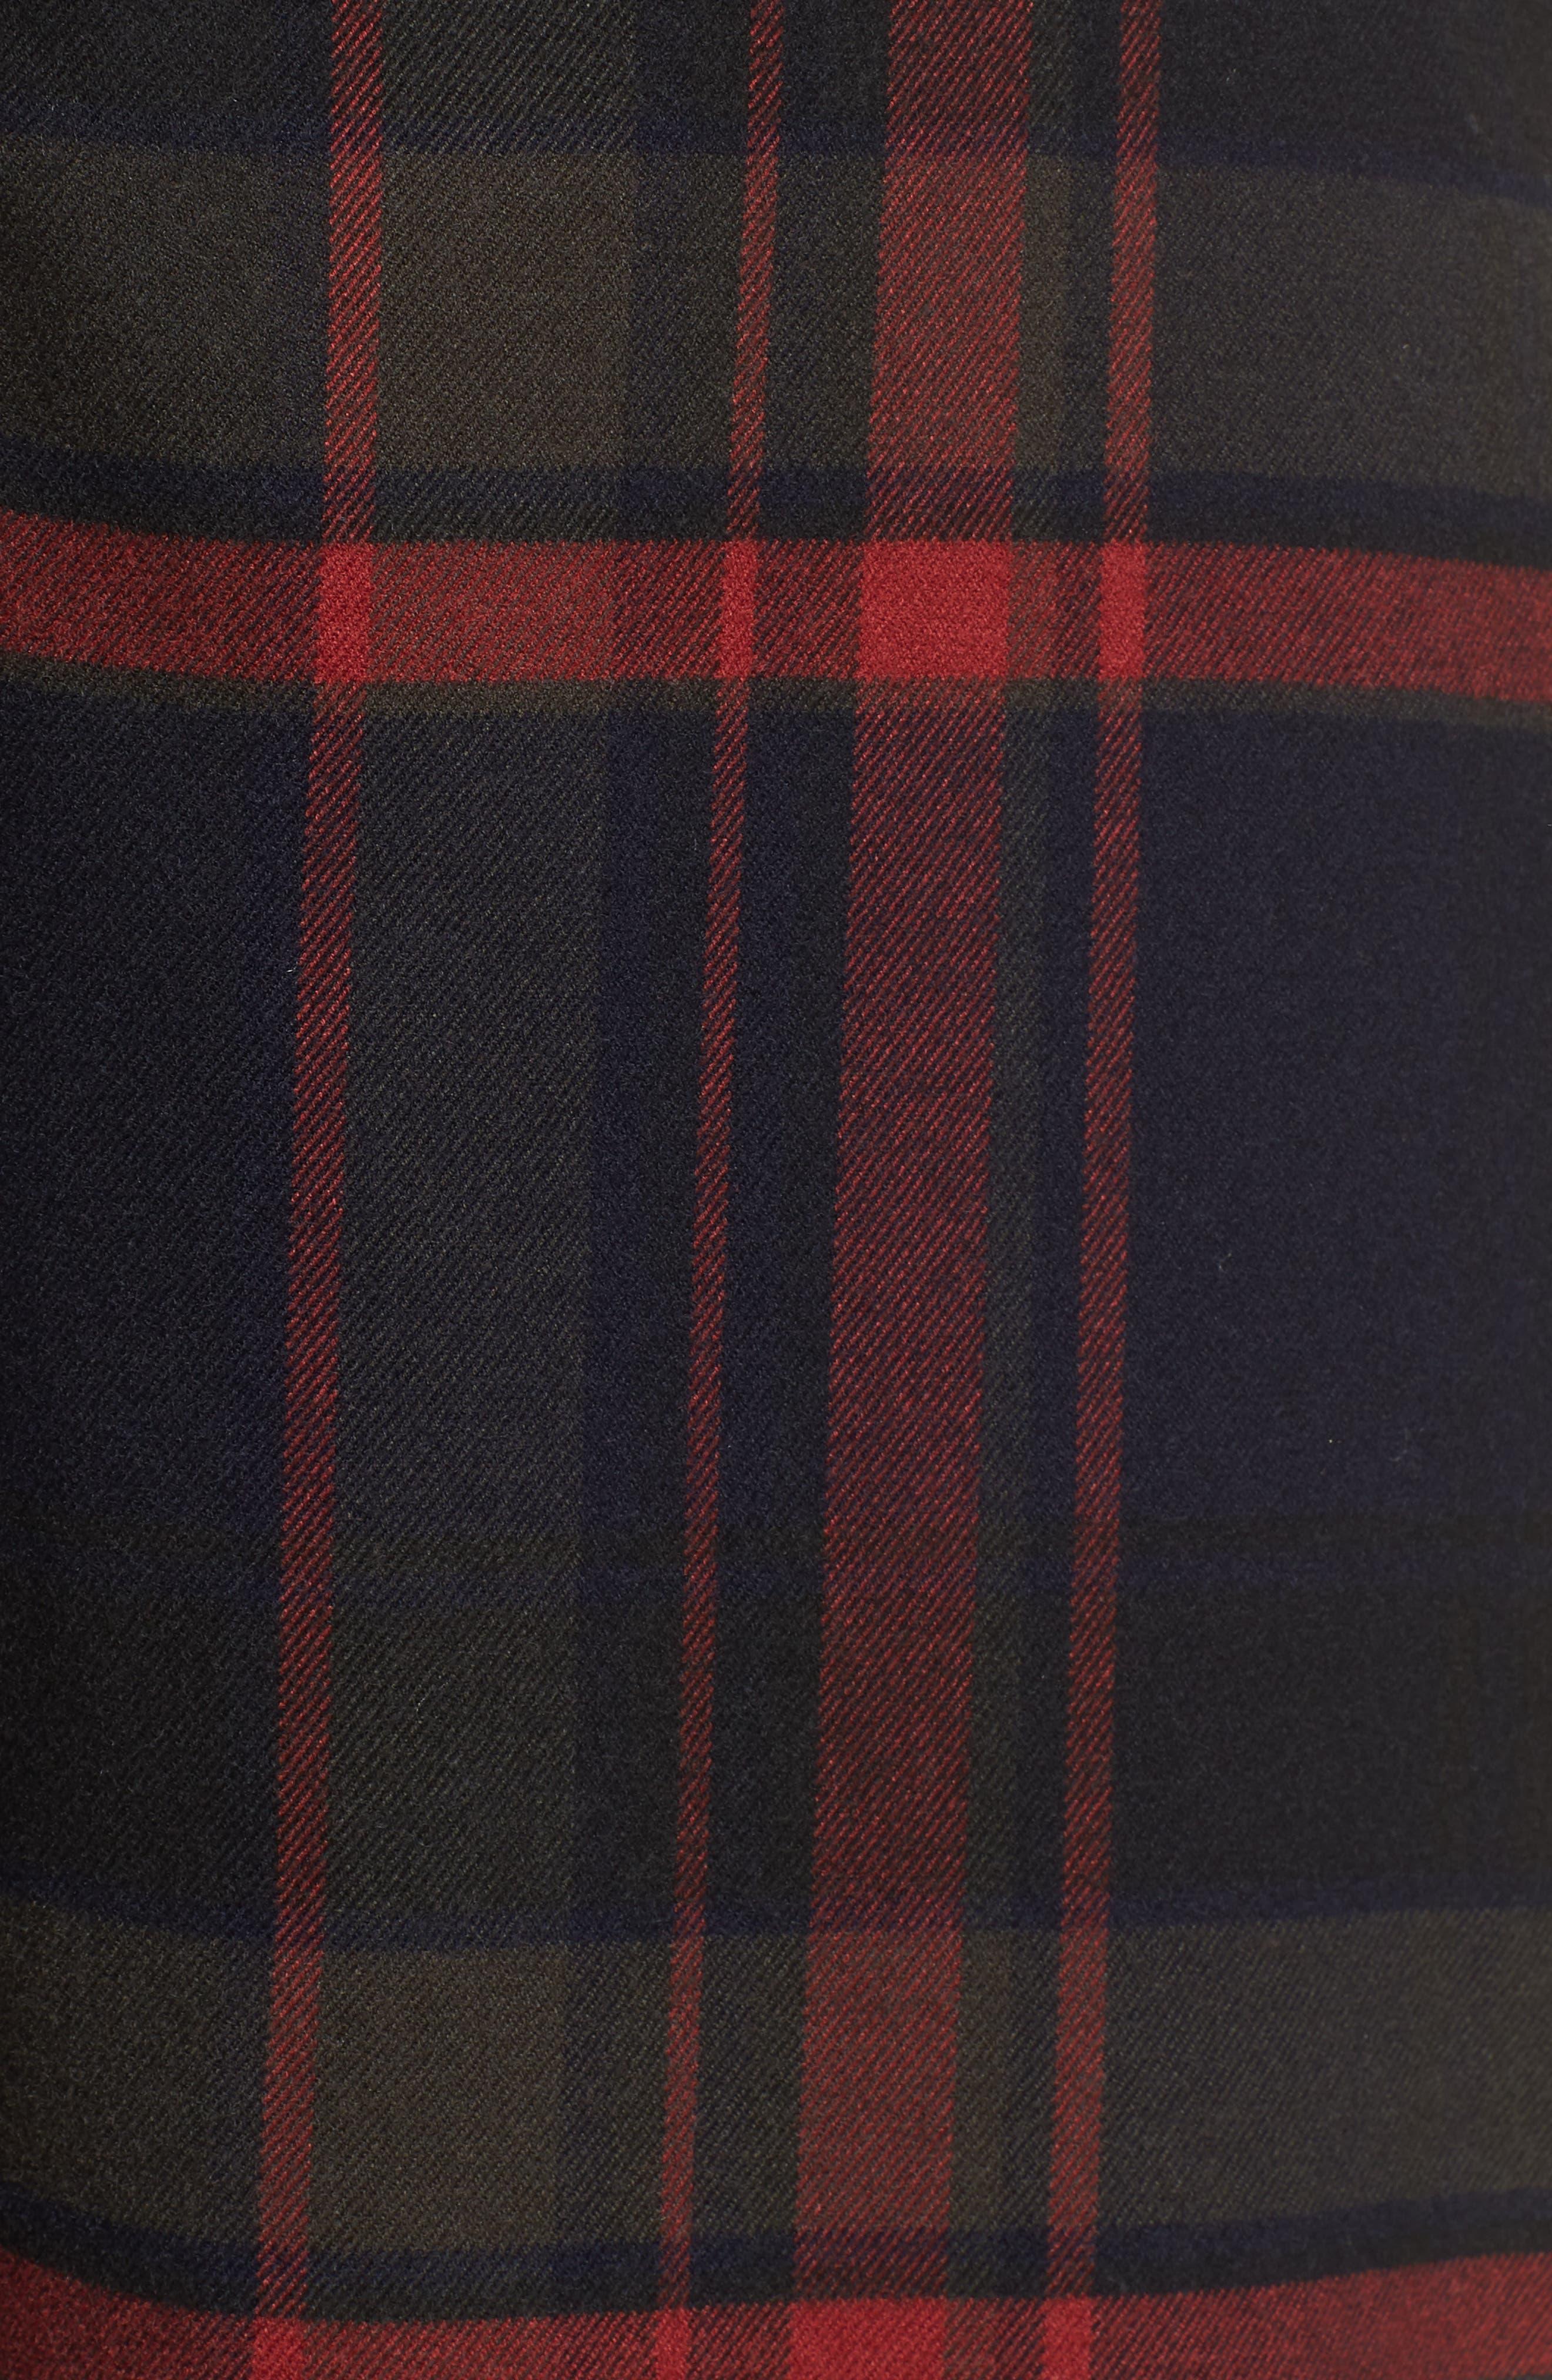 High Rise Plaid Crop Pants,                             Alternate thumbnail 7, color,                             NAVY MARITIME JESSA PLAID